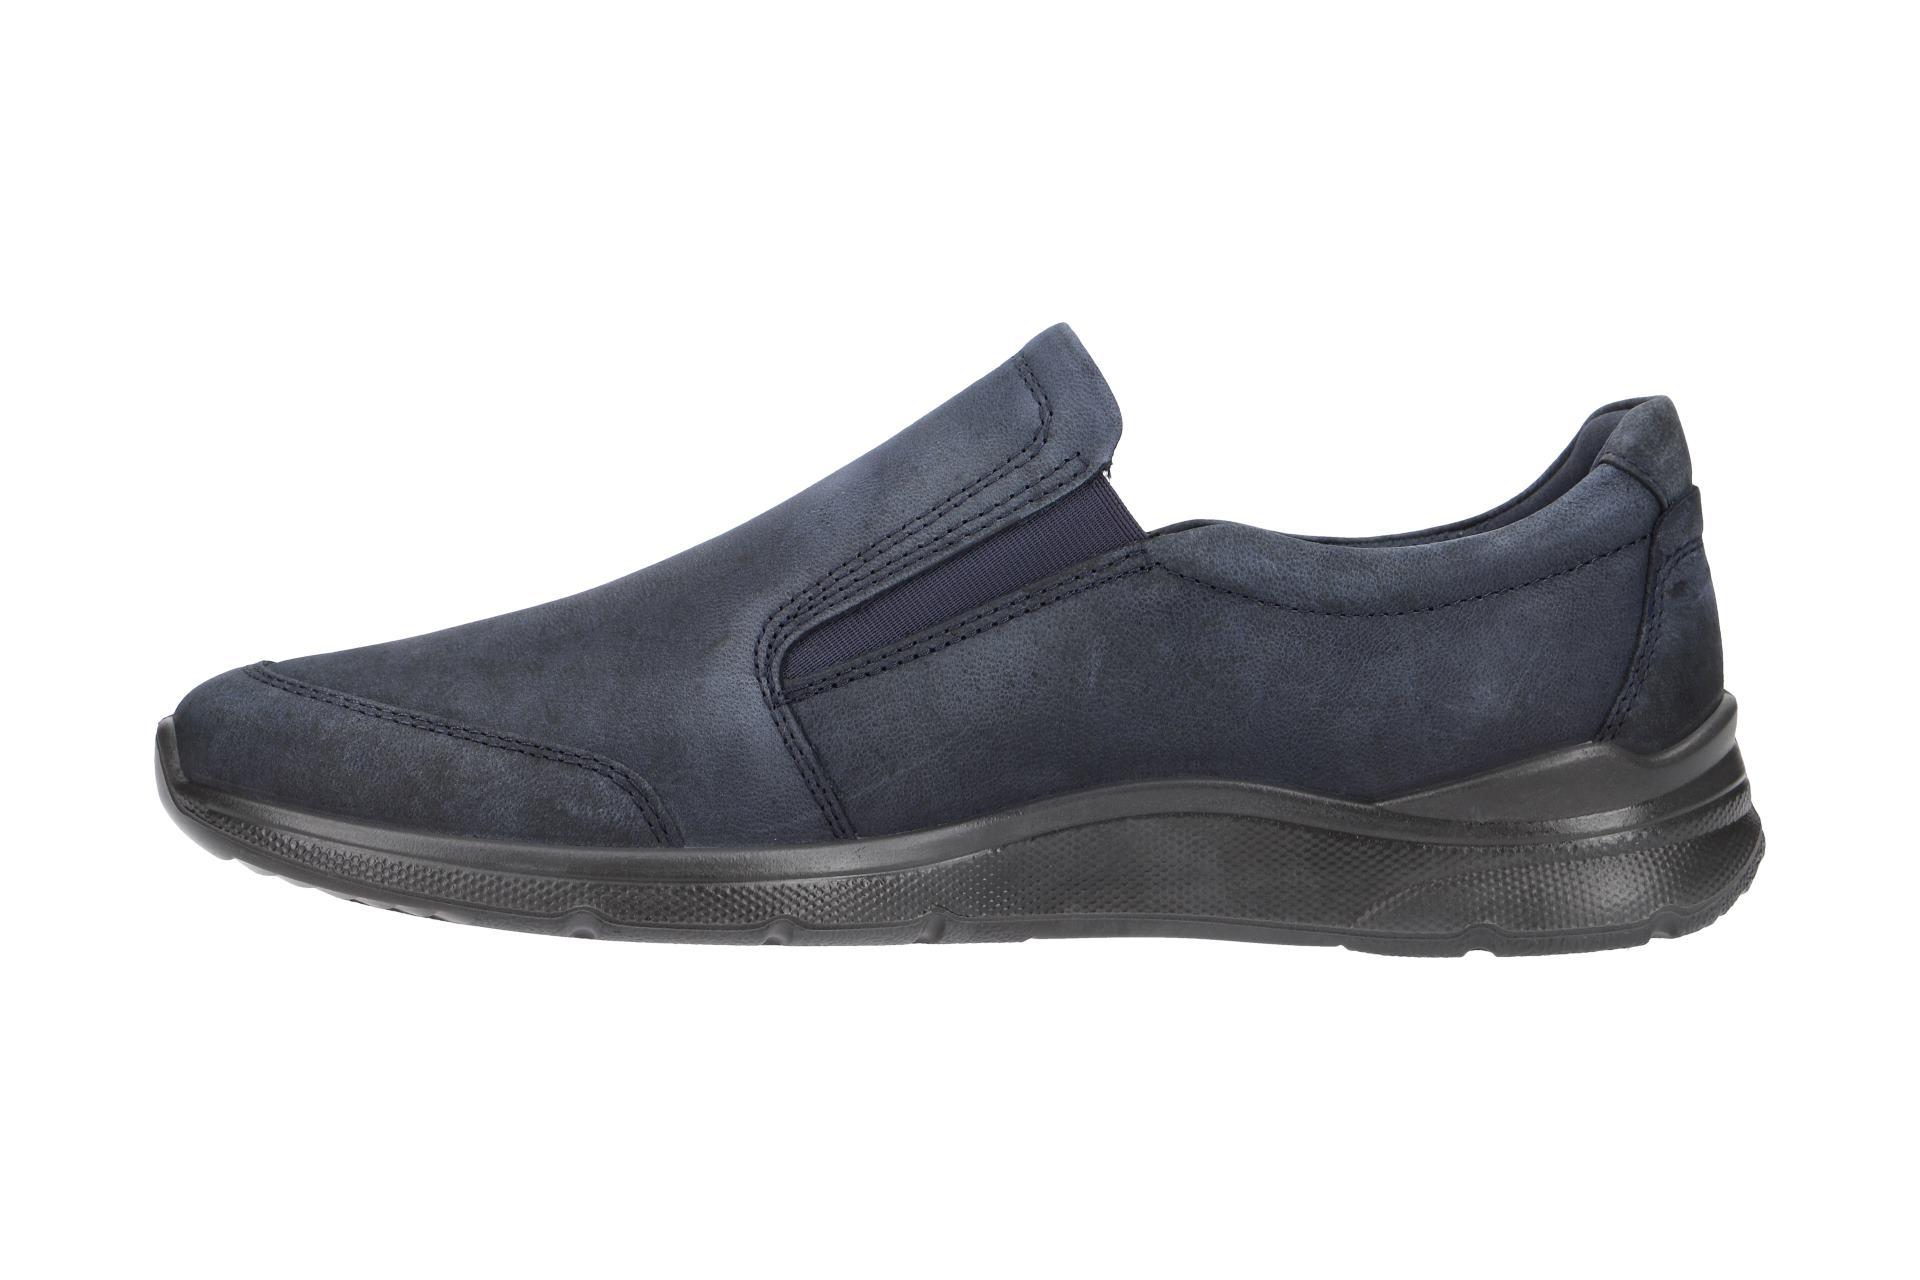 Schuhe Irving 51168402038 Slipper Blau Ecco Sportliche Herrenschuhe cj54R3qAL